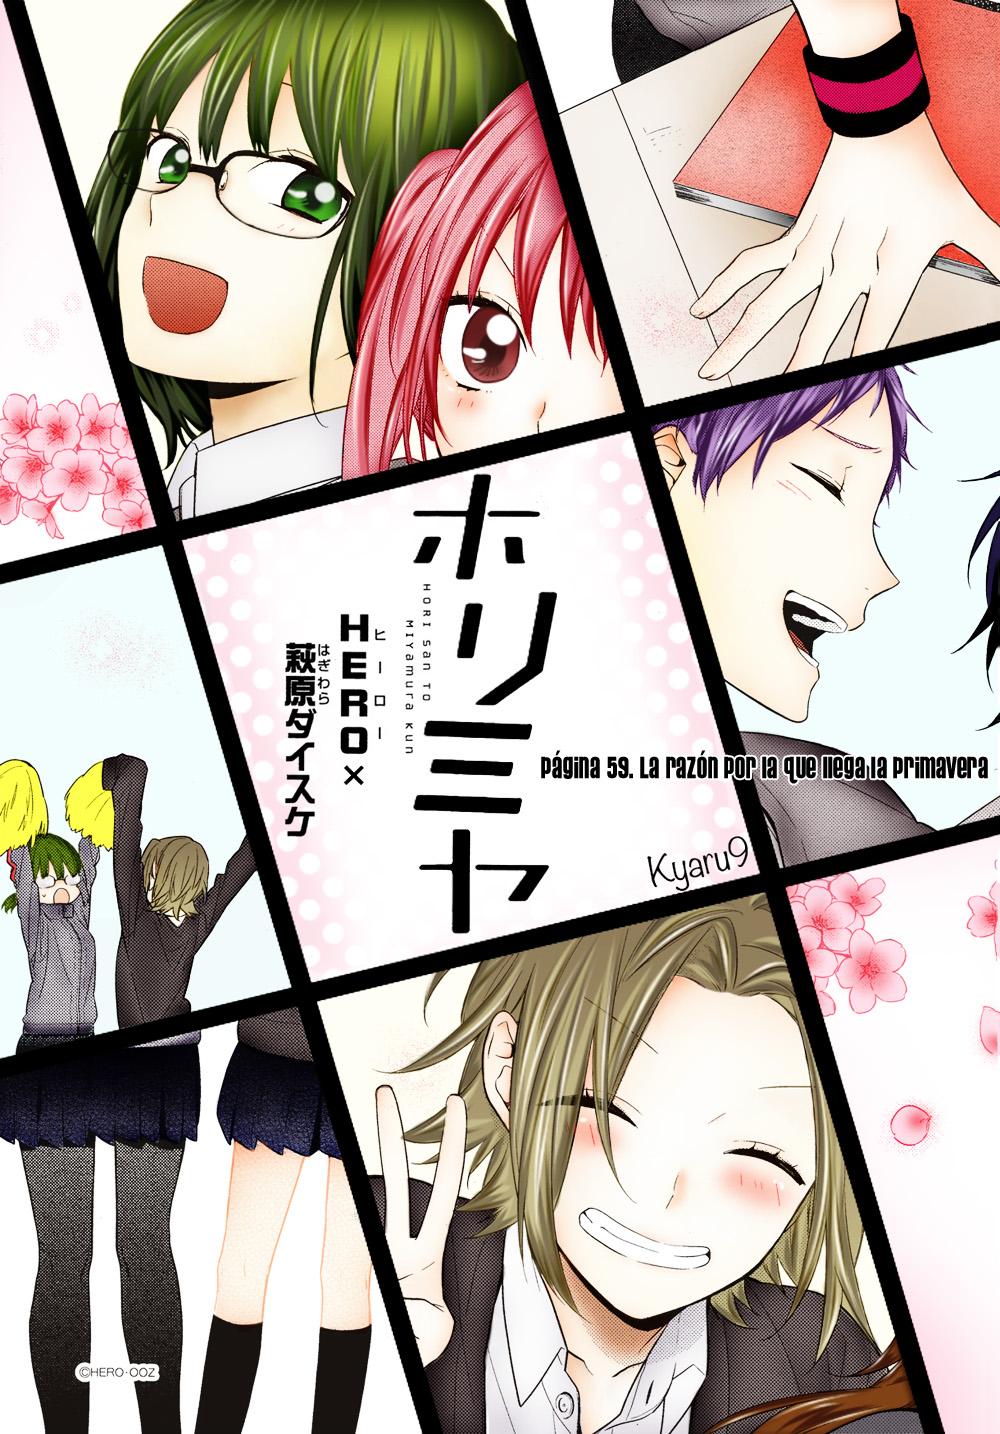 http://c5.ninemanga.com/es_manga/19/1043/439400/8d3215ae97598264ad6529613774a038.jpg Page 6